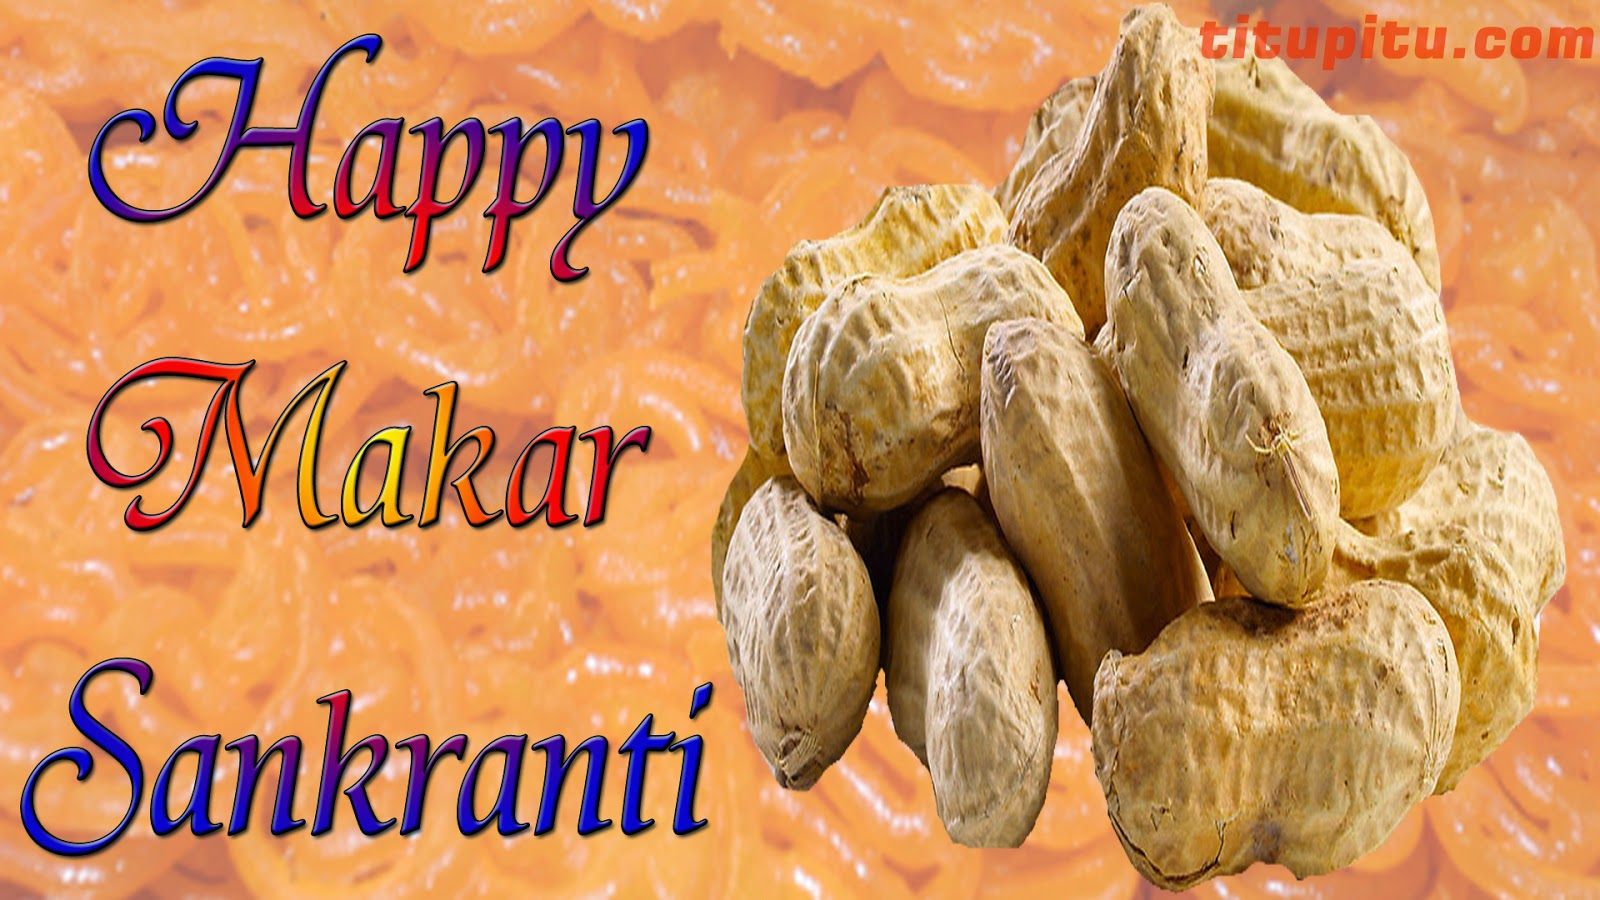 Makar Sankranti Greetings Wallpapers Haryanvi Makhol Jokes In